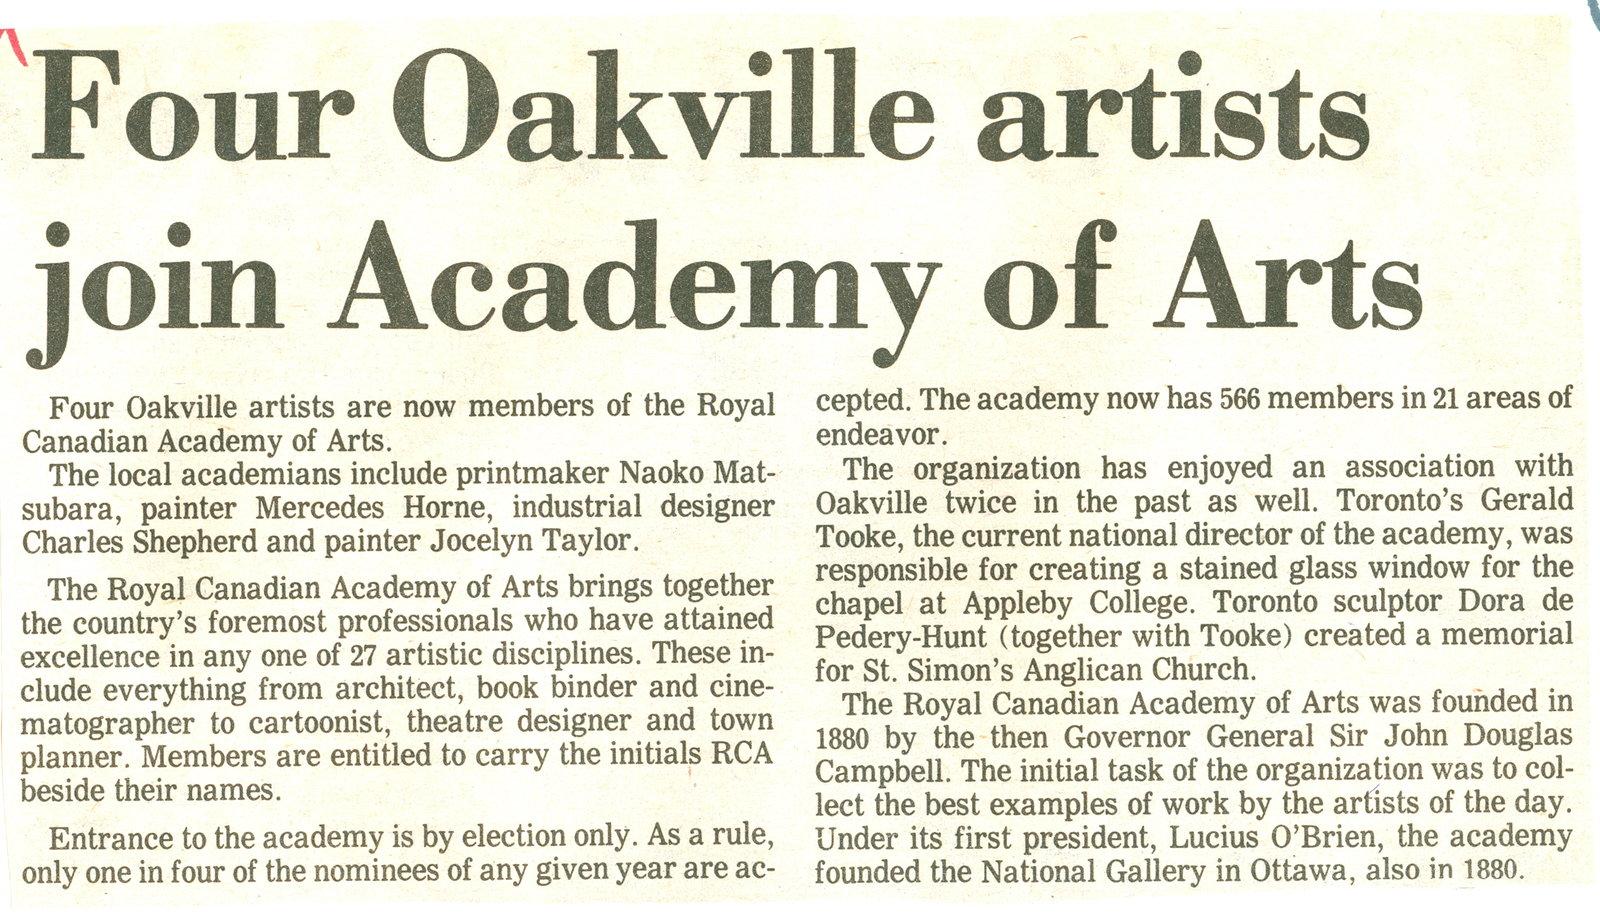 Four Oakville artist join Academy of Arts